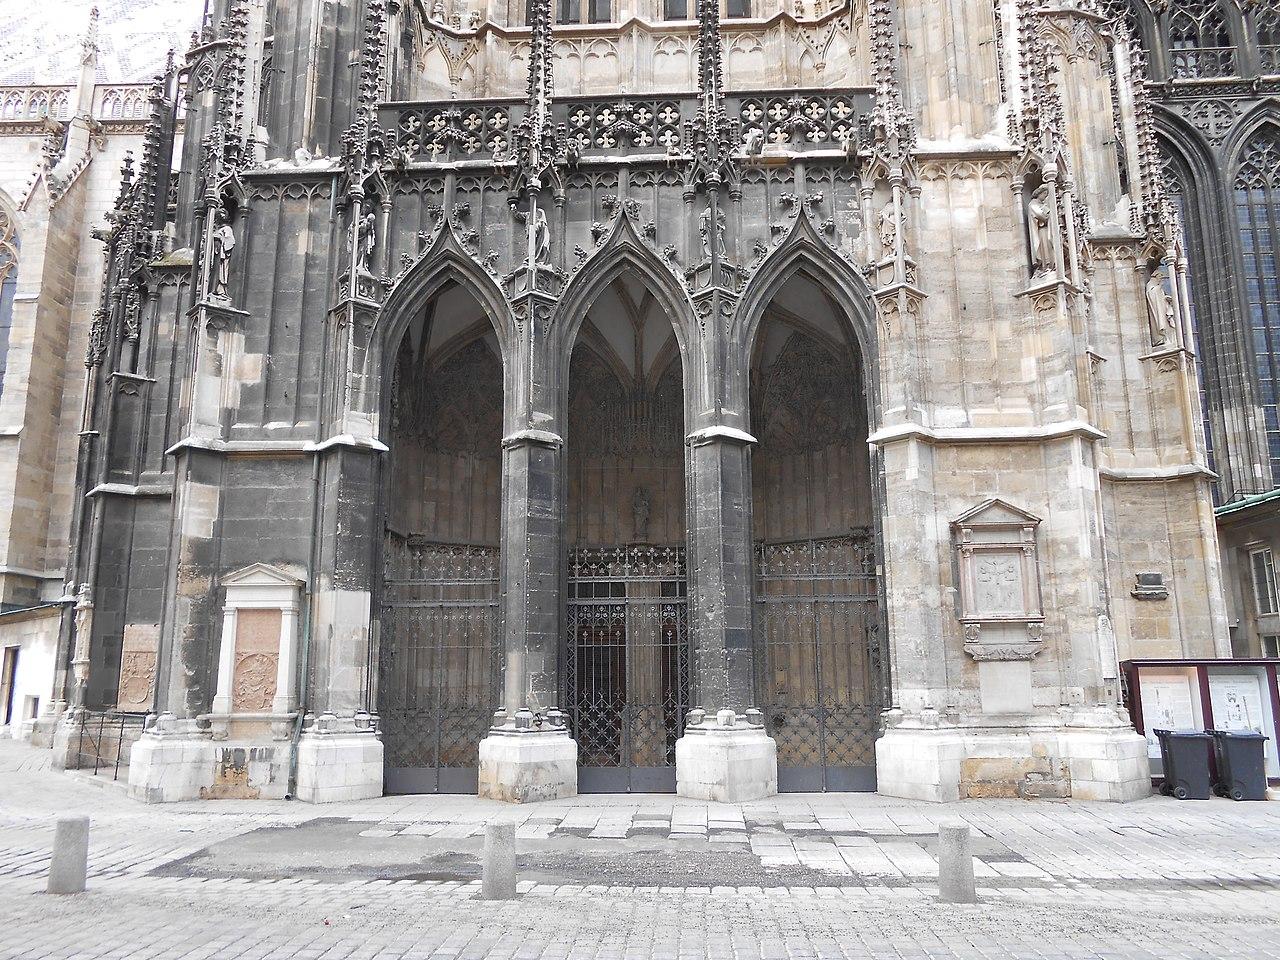 File:Adlertor am Stephansdom in Wien.jpg - Wikimedia Commons